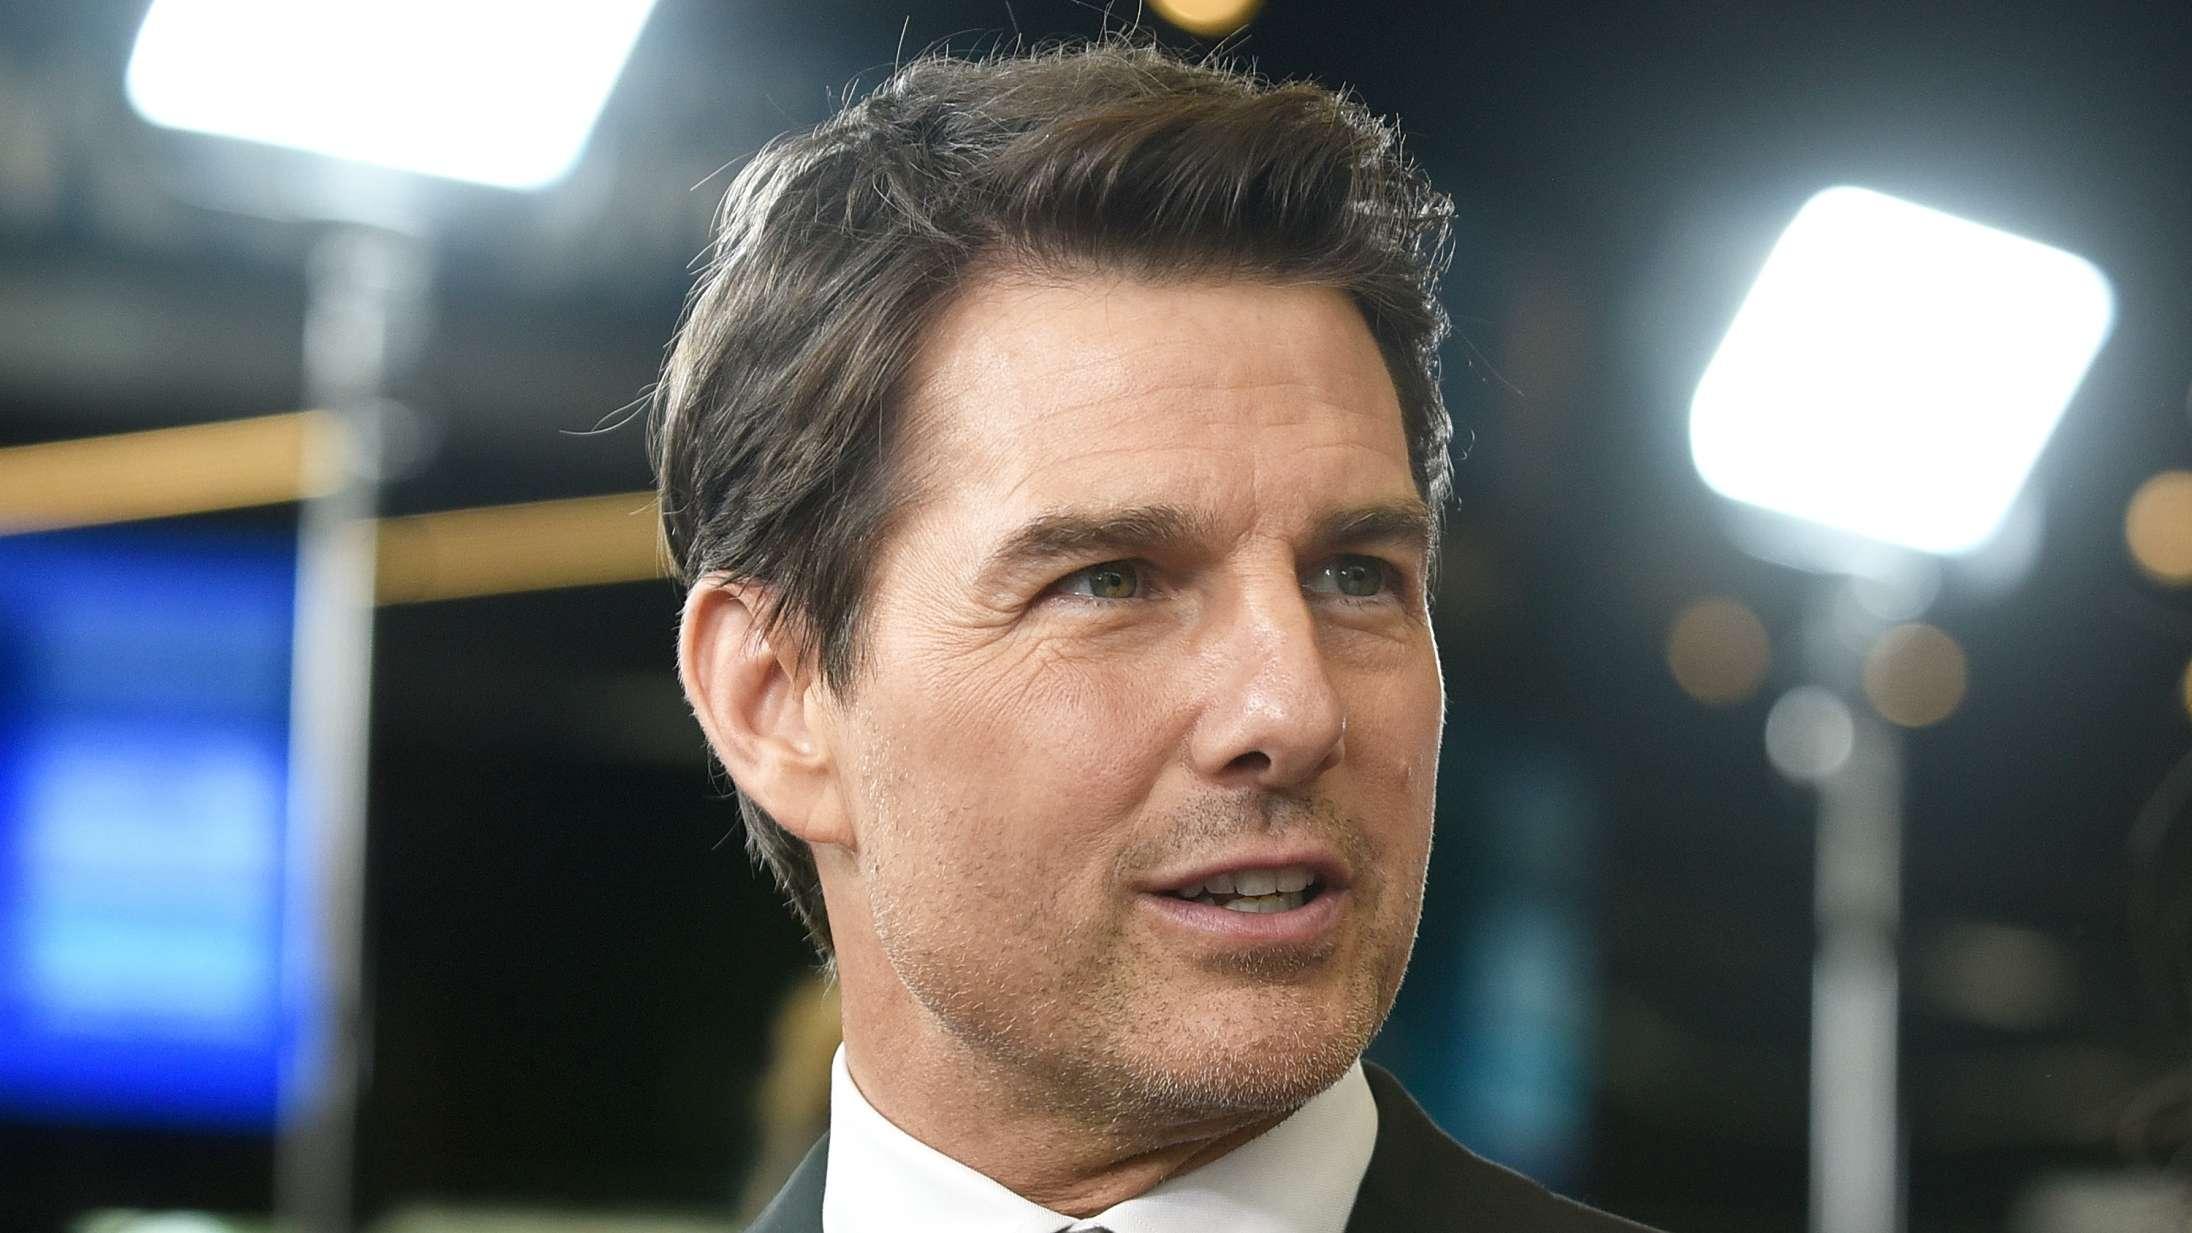 Tom Cruise forsvarer sit virale vredesudbrud under 'Mission: Impossible 7'-optagelserne